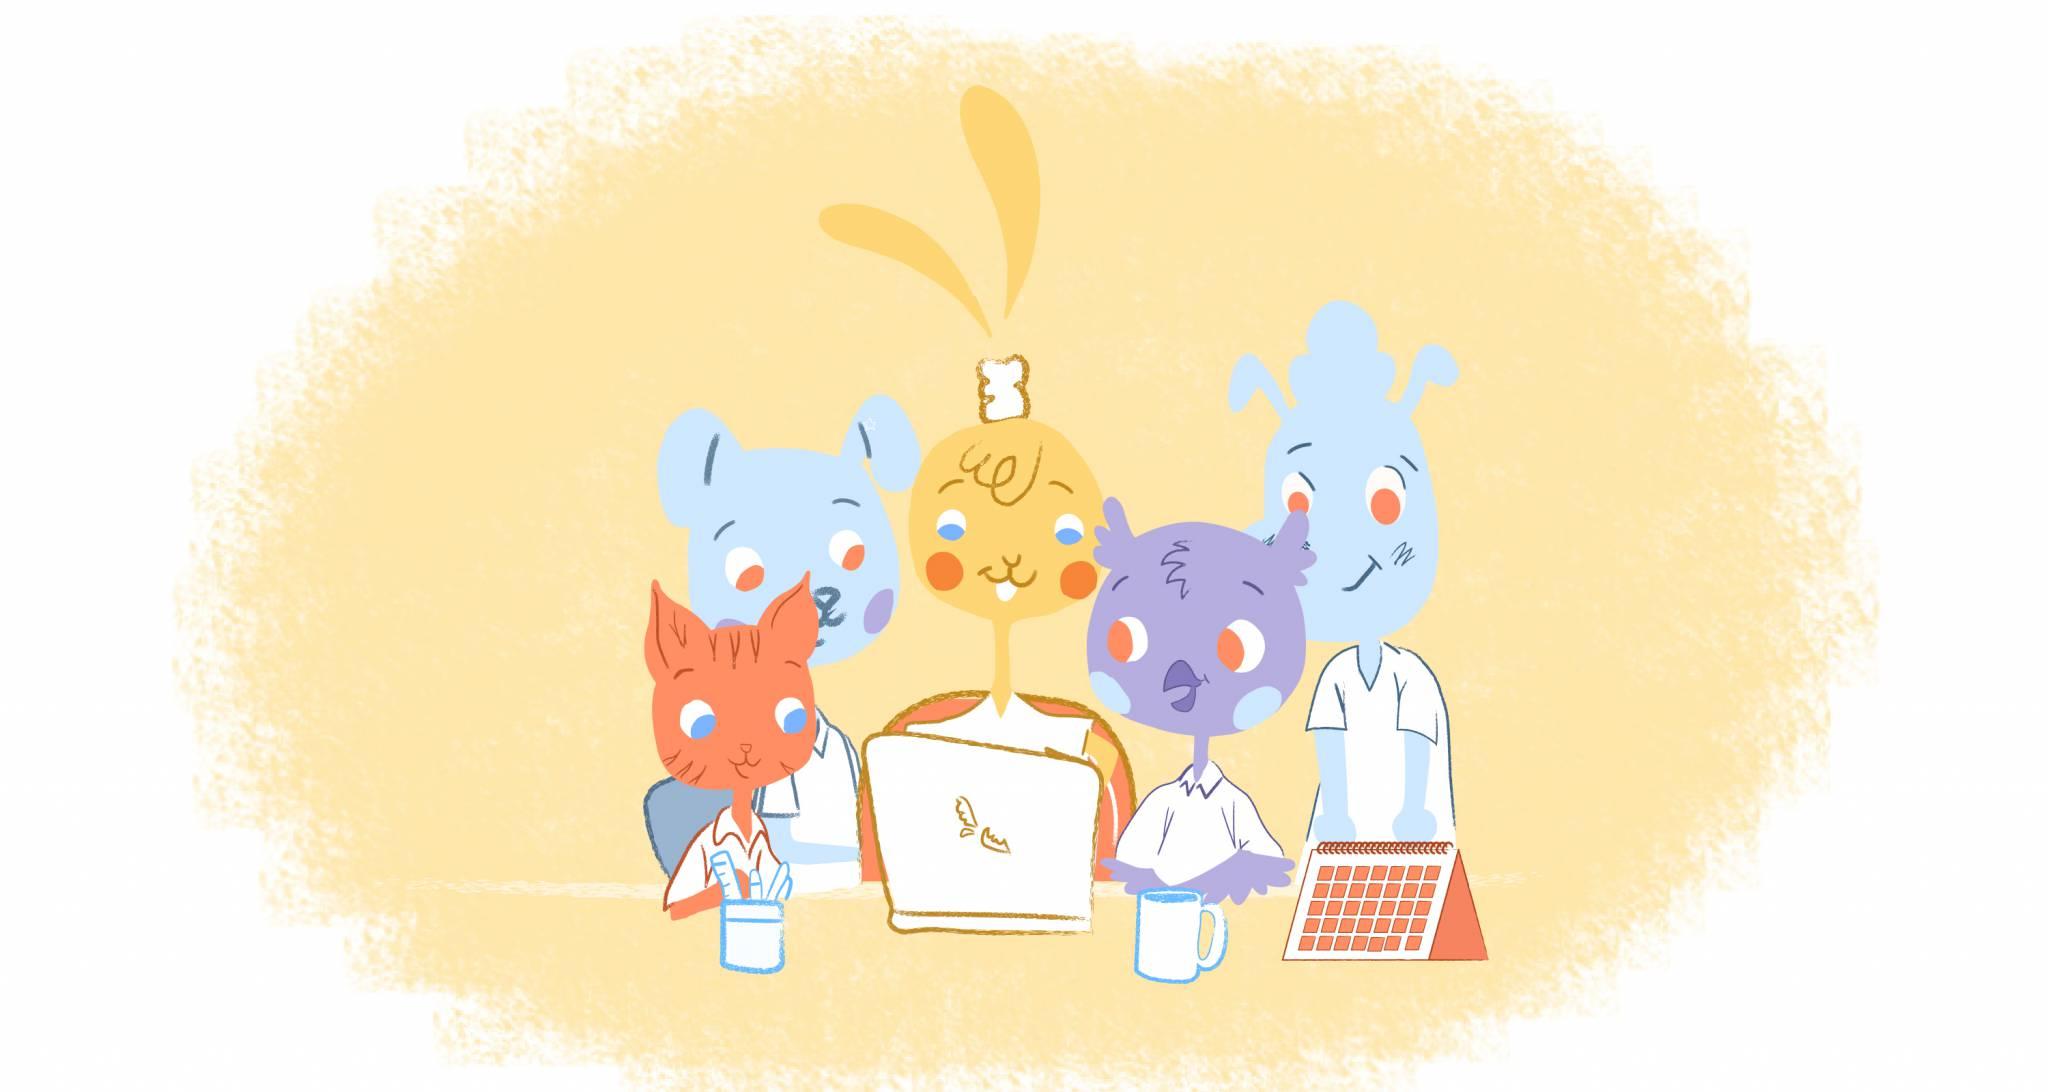 About Calendar Team